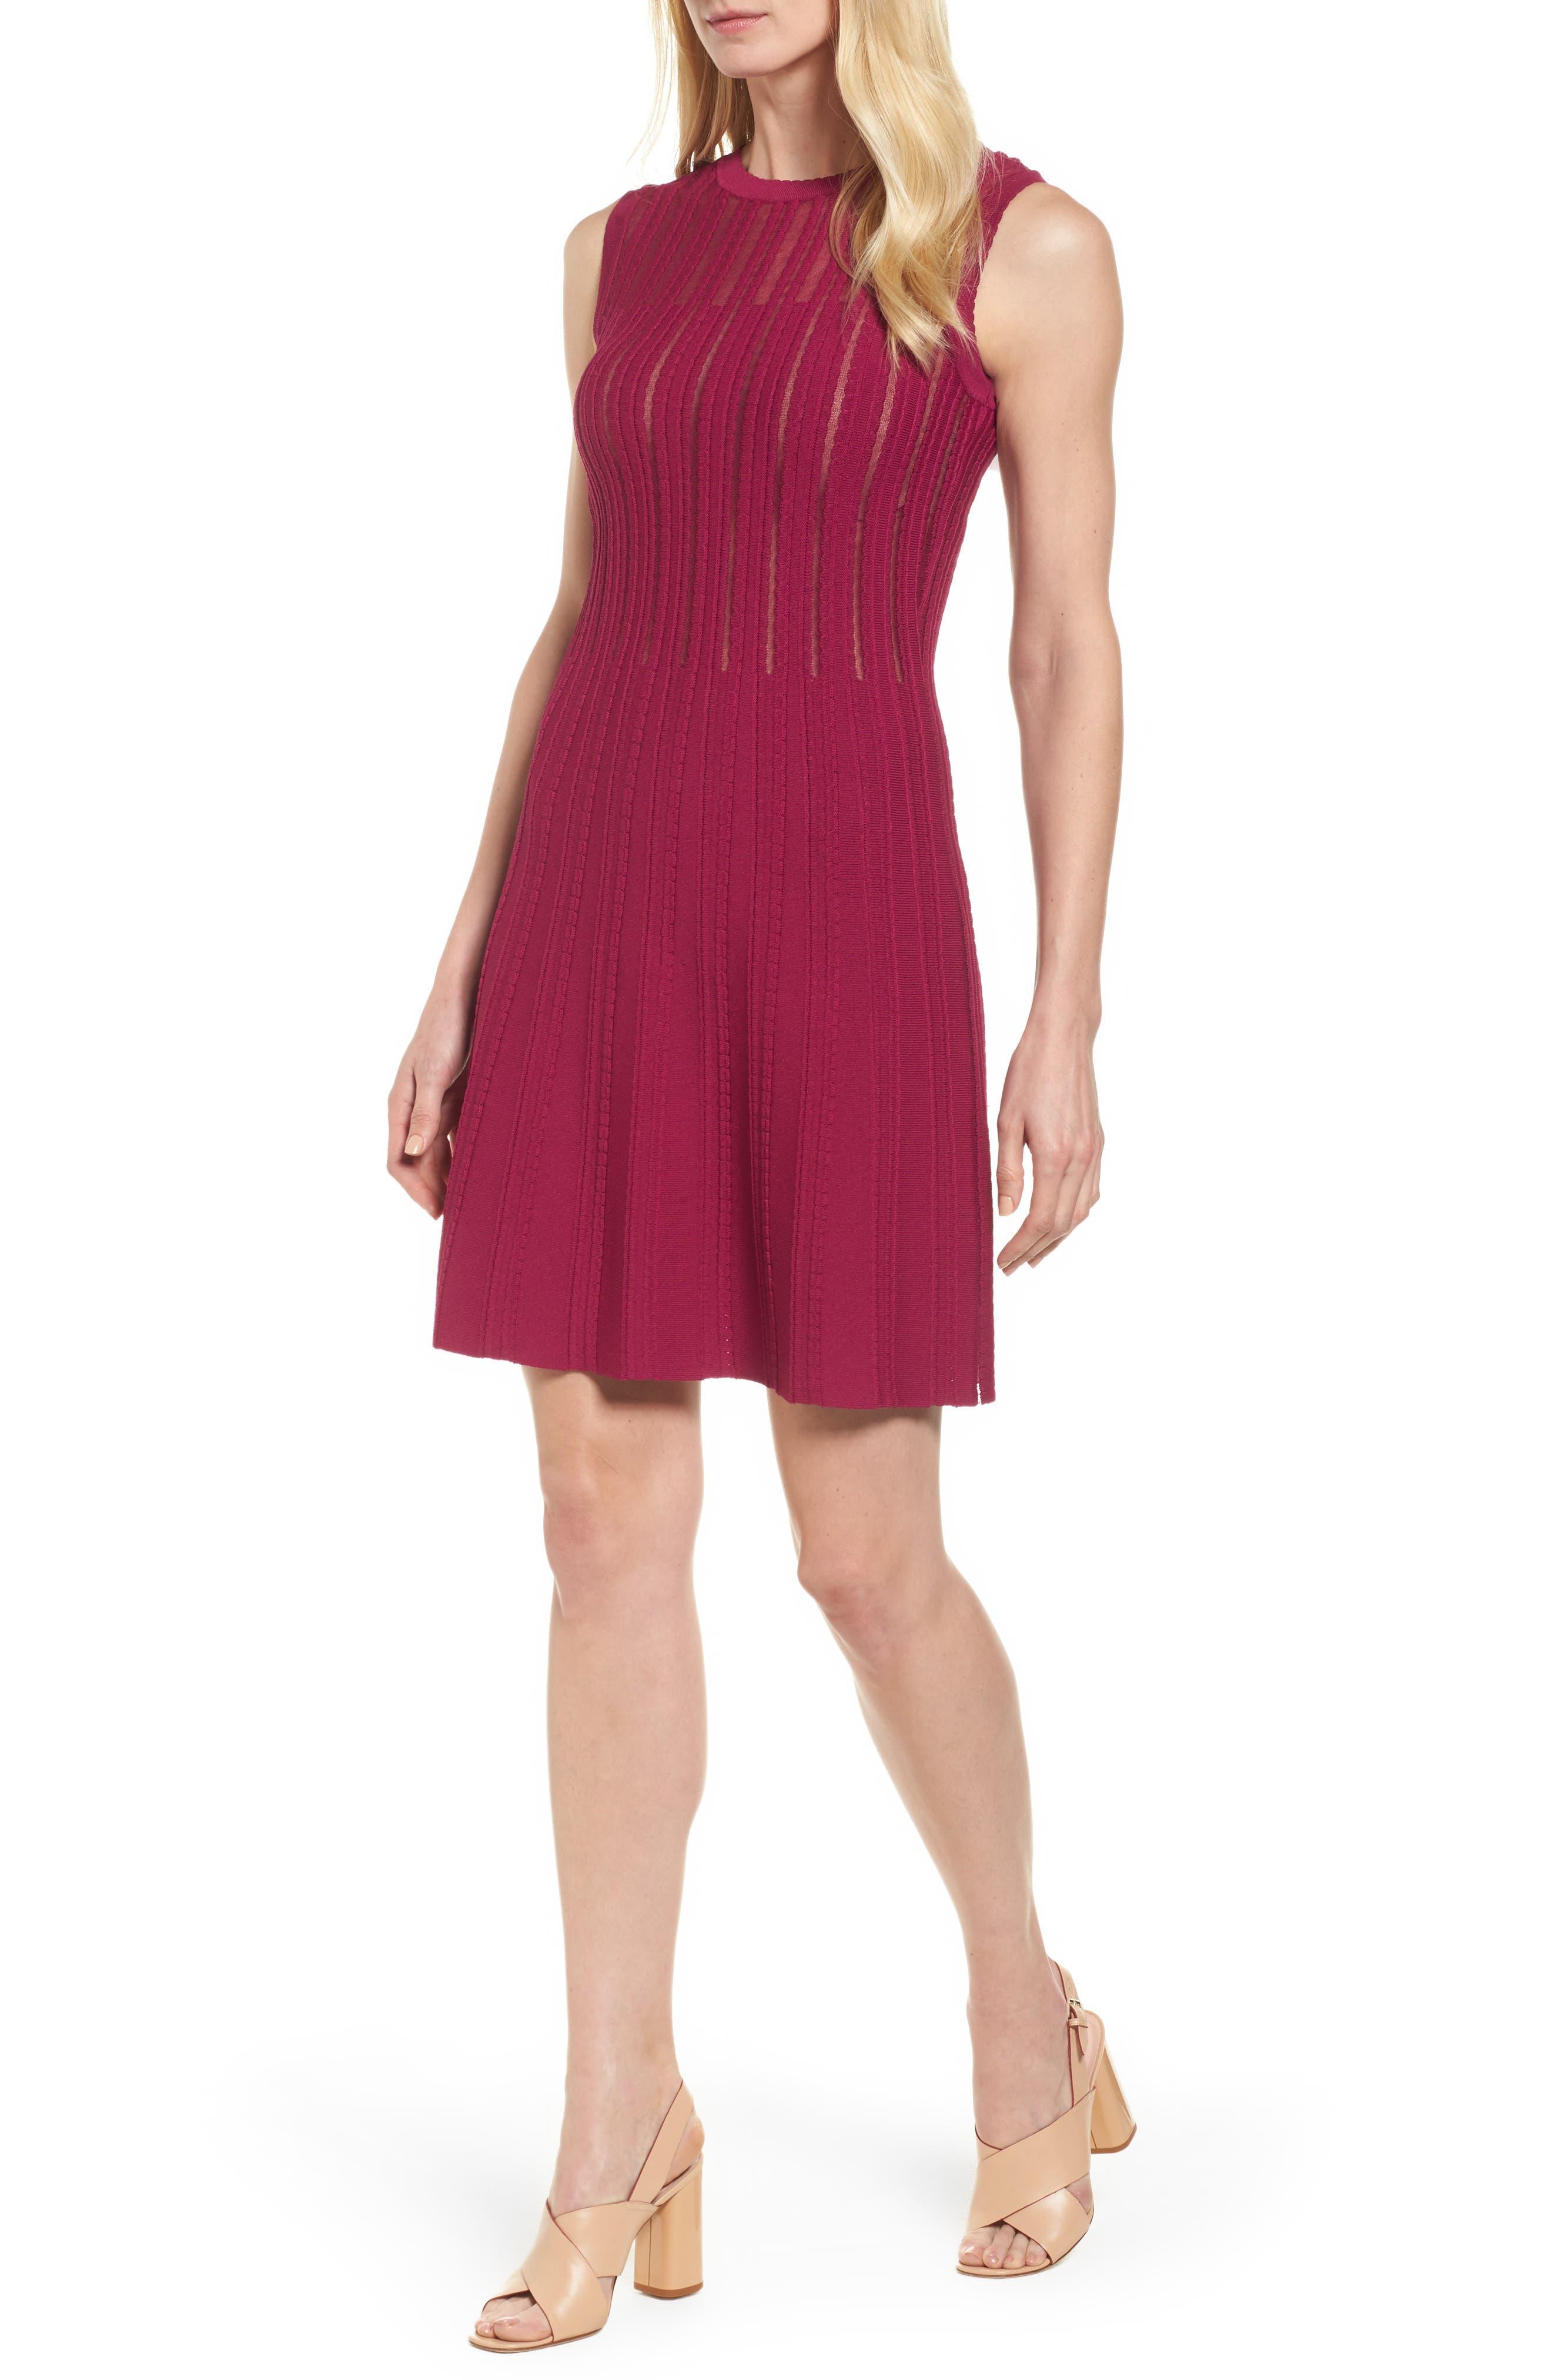 Anne Klein Knit Fit & Flare Dress